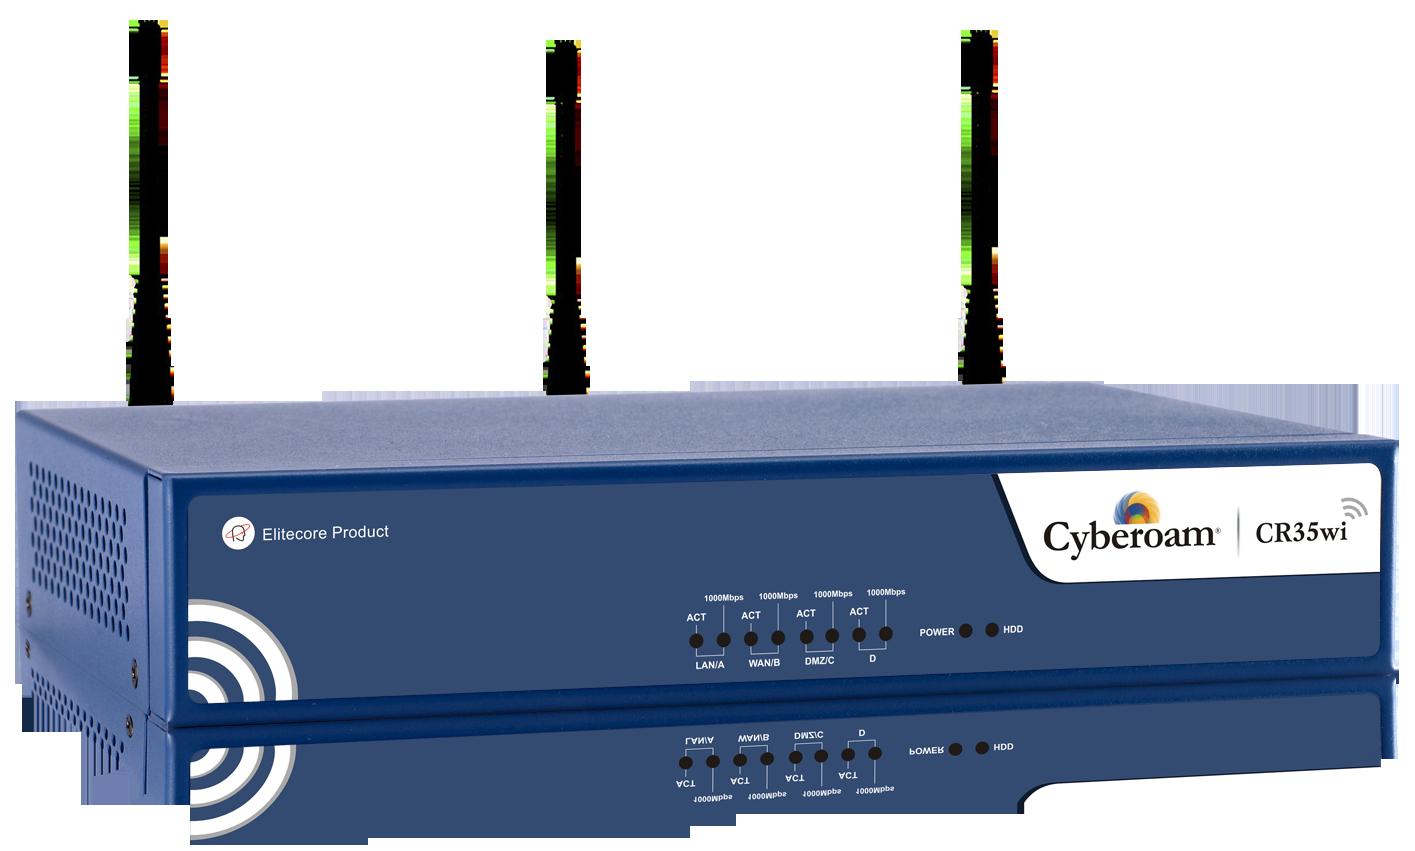 CR35wiAppliance